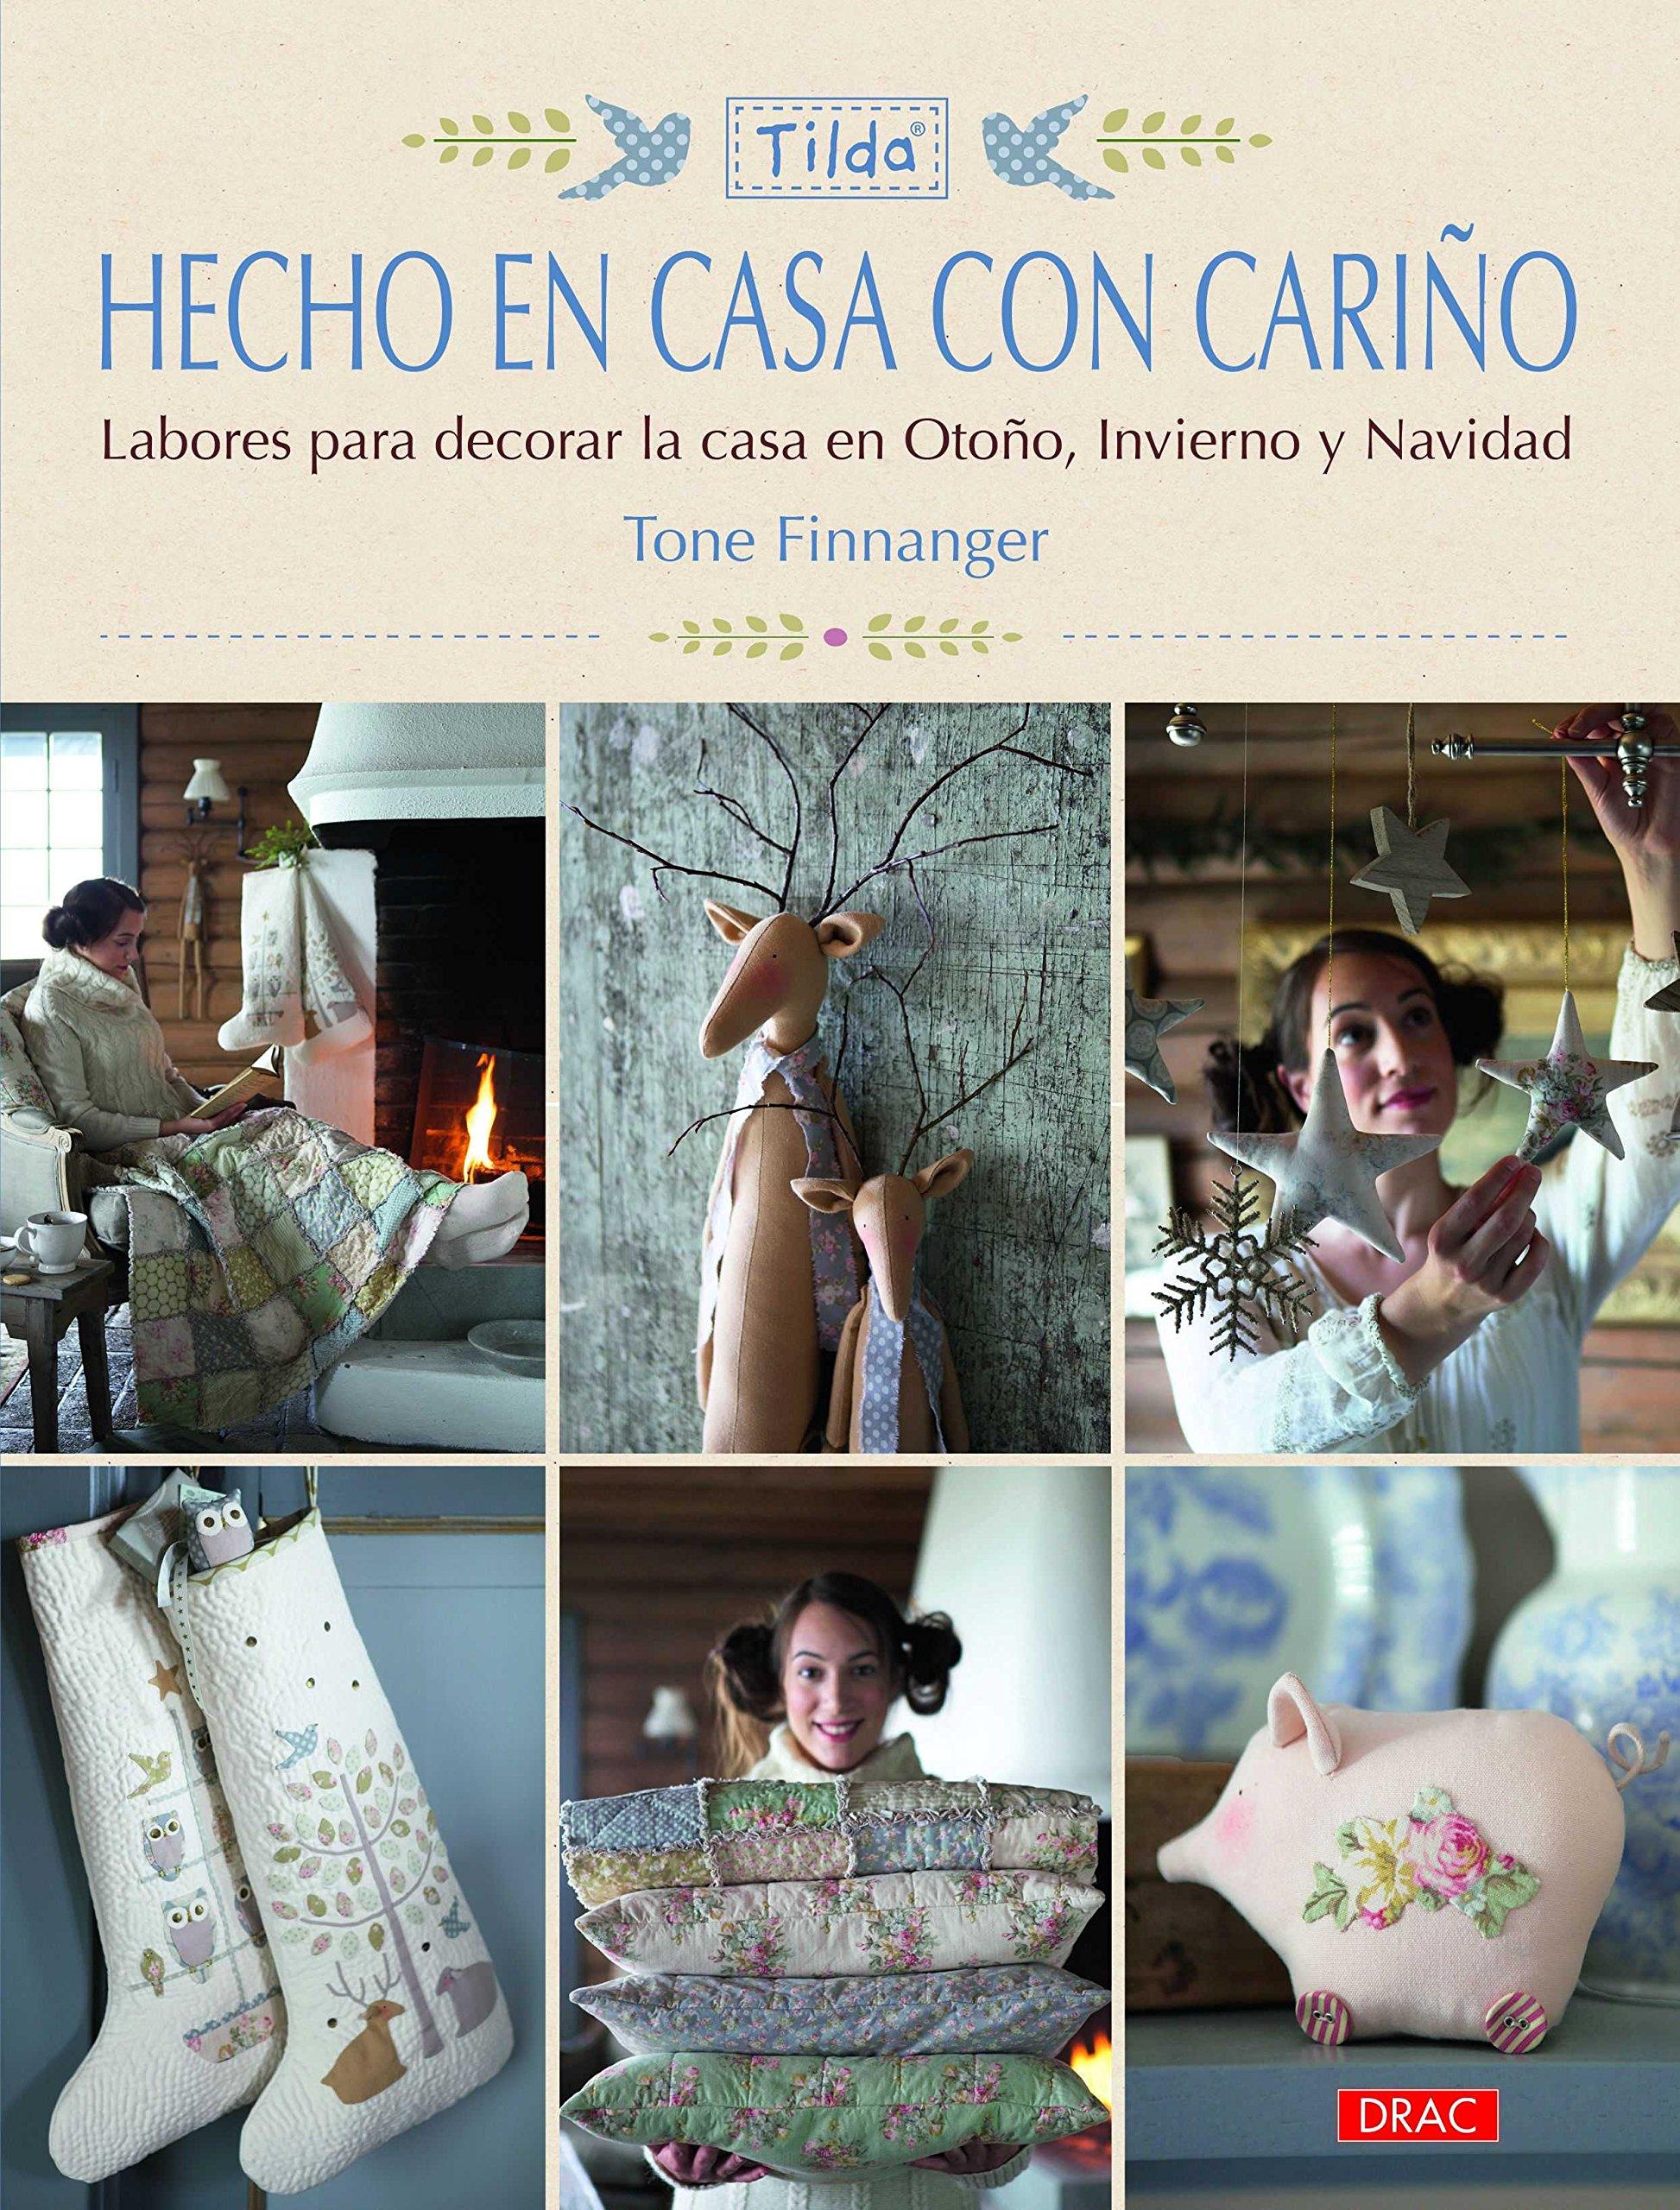 Hecho En Casa Con Cariño: Amazon.es: Tone Finnanger, Laia Jordana Altés, Ana María Aznar Menéndez: Libros